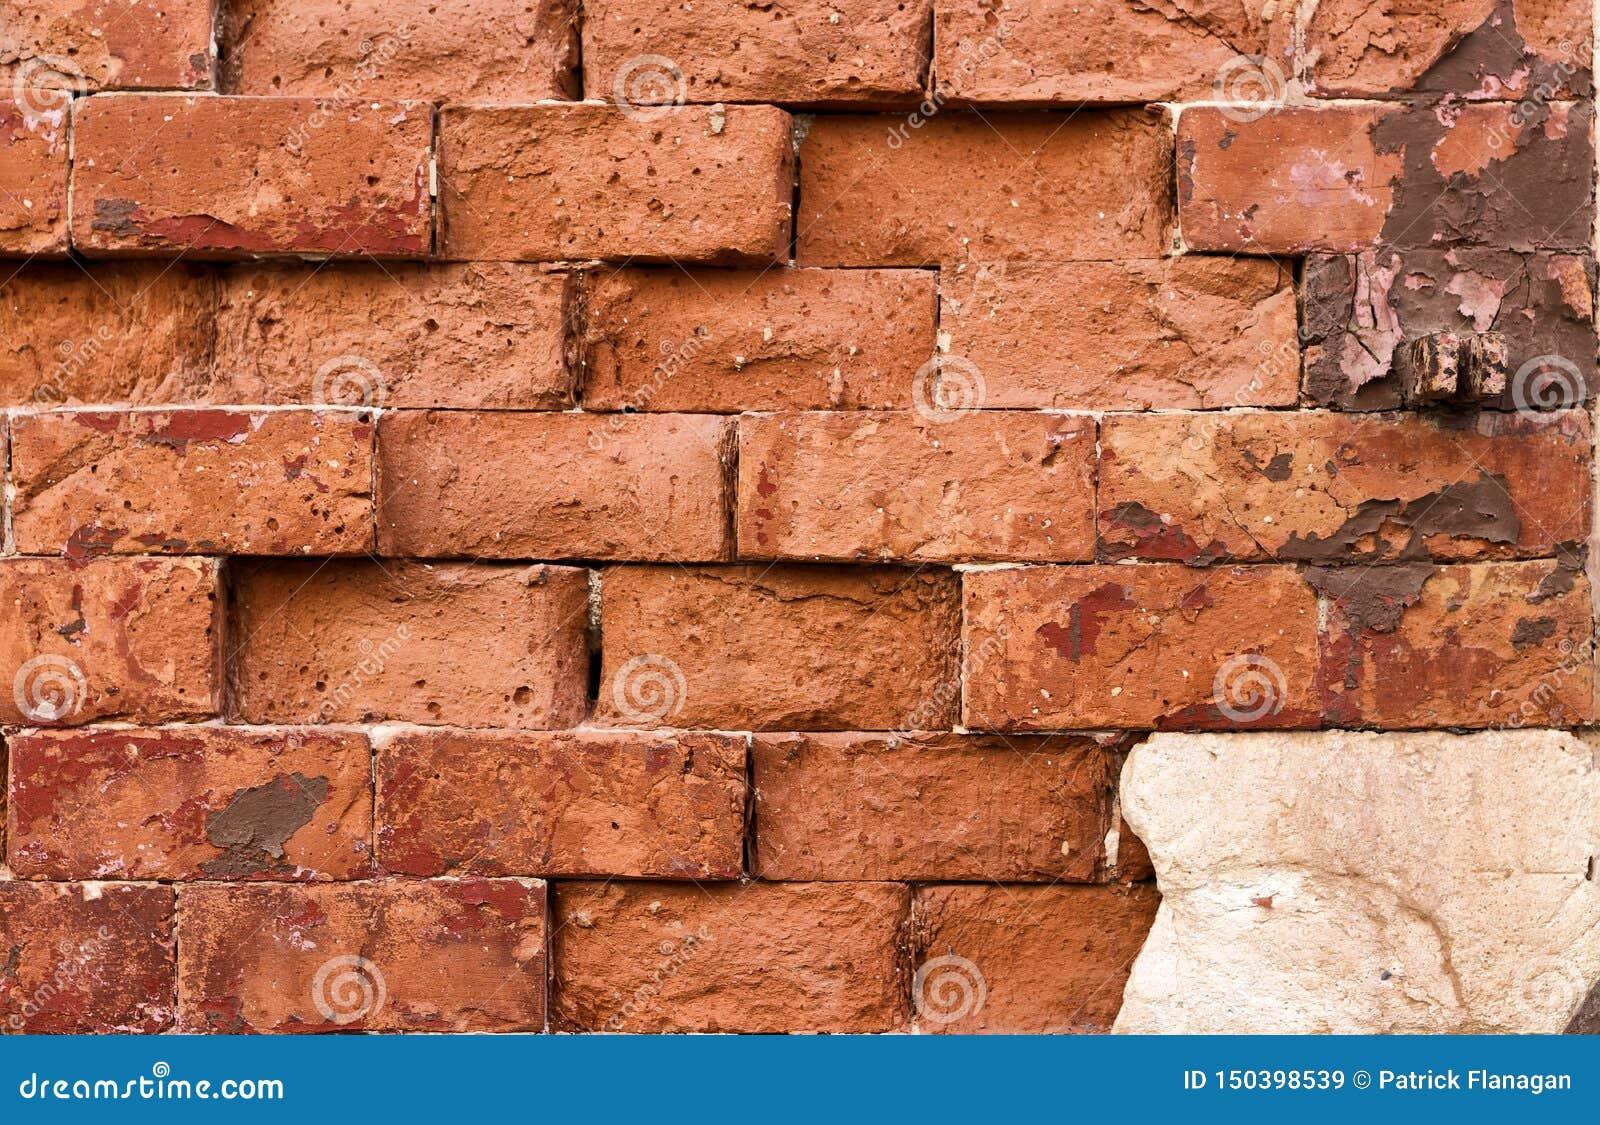 Un mur des briques rouges au petit bonheur placées